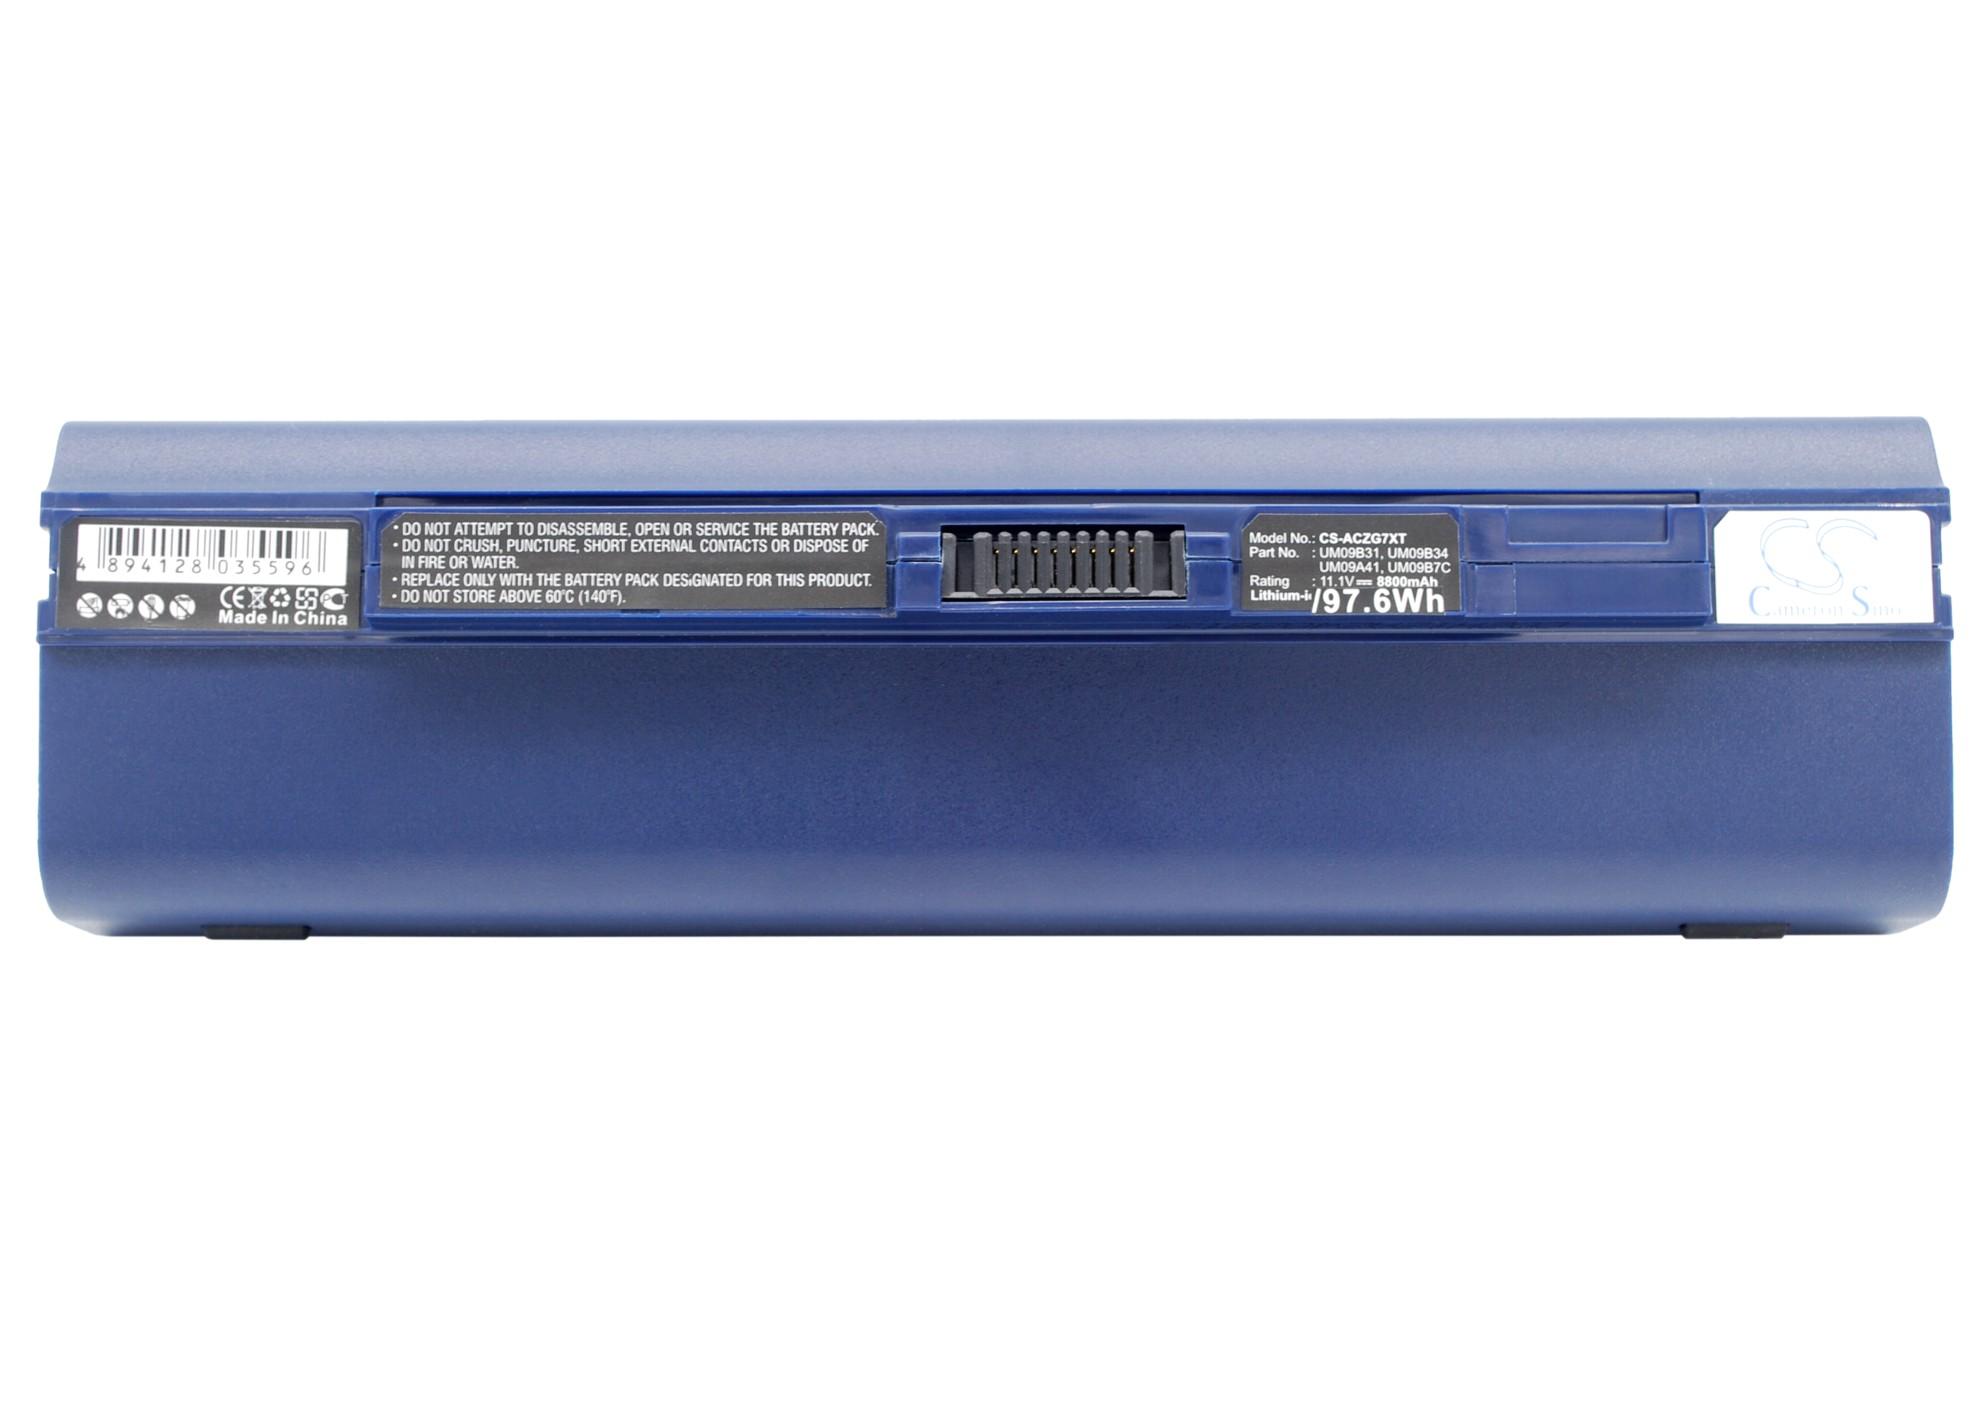 Cameron Sino baterie do notebooků pro ACER Aspire One 751-Bk23 11.1V Li-ion 8800mAh modrá - neoriginální